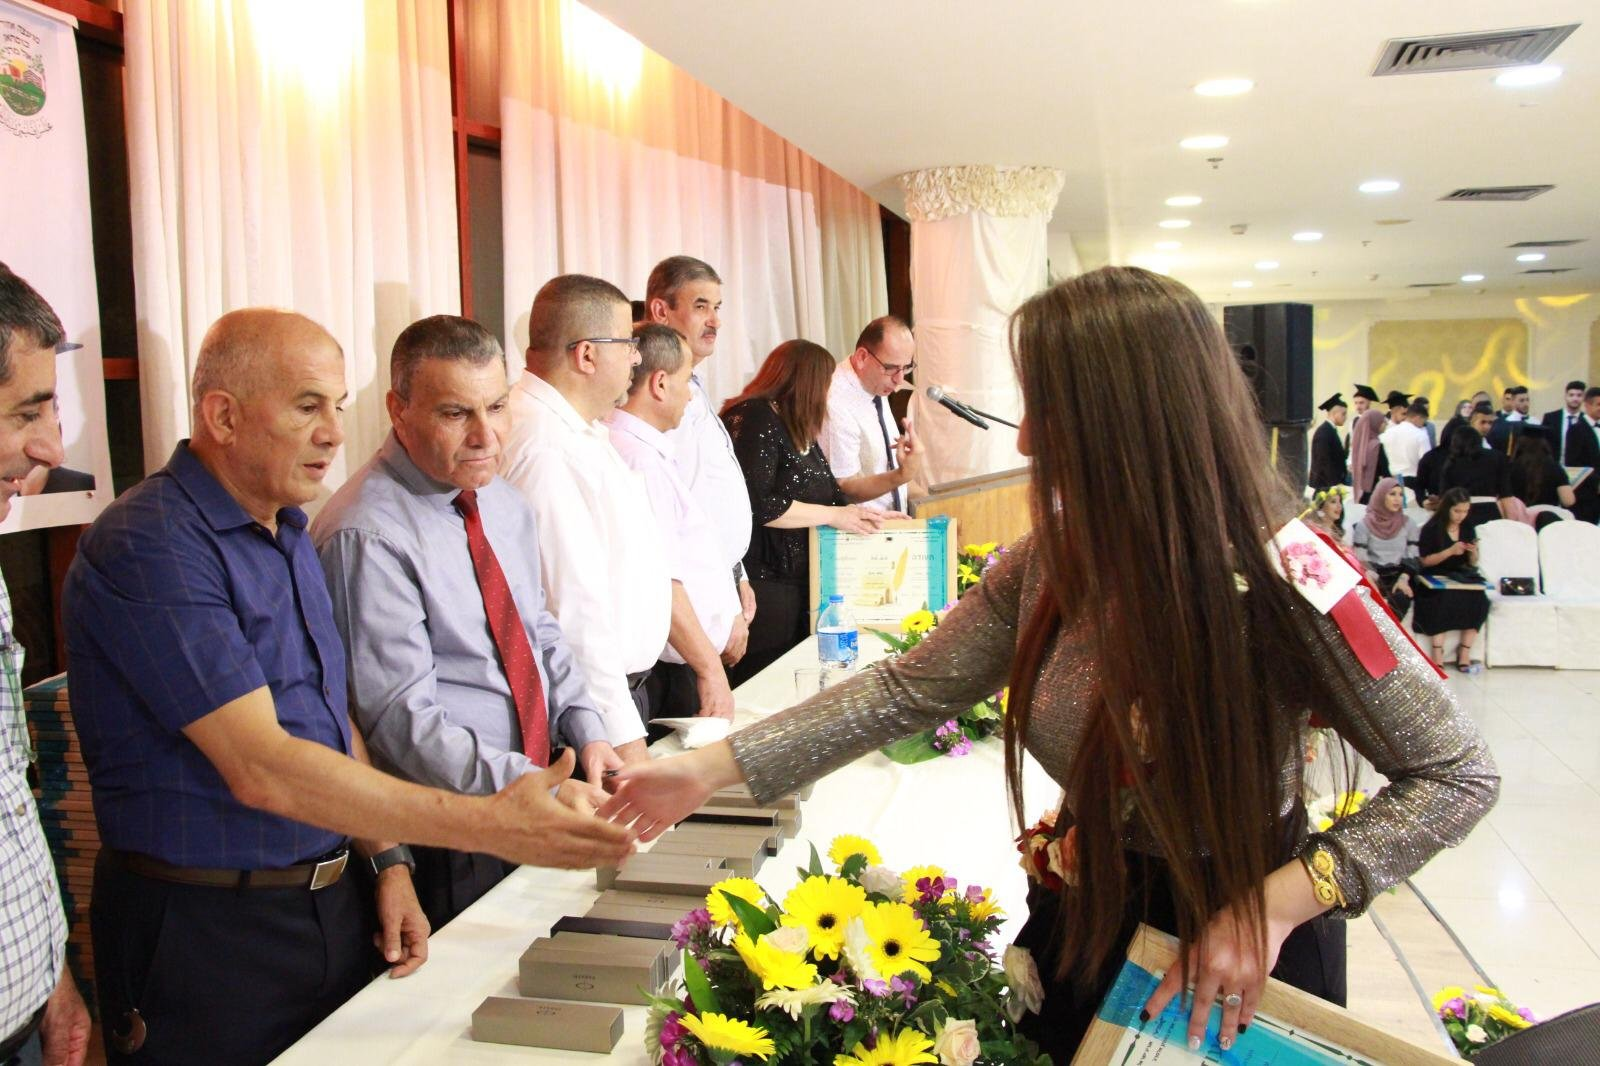 مدرسة أورط بستان المرج تخرّج الفوج السادس من طلابها.